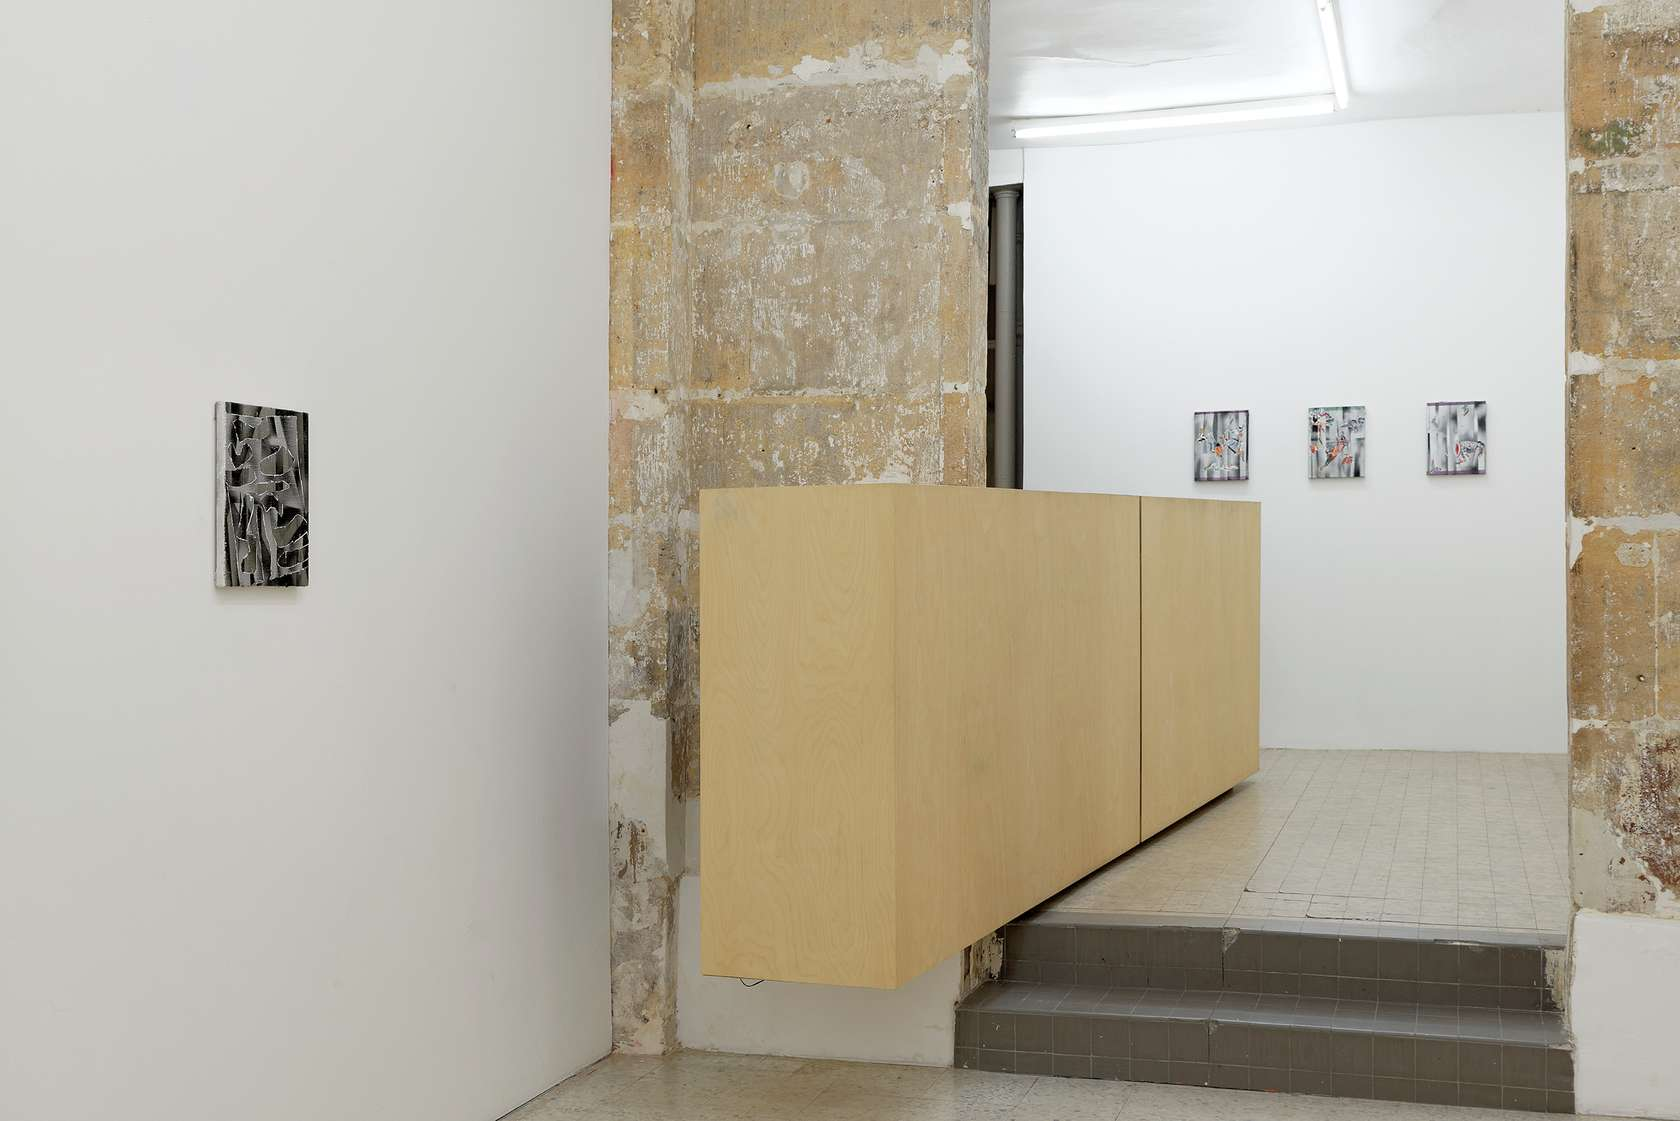 documentation céline duval, Jane Harris, Laurent Proux & Bruno Rousselot, Tableaux 22 février  — 22 mars 2014